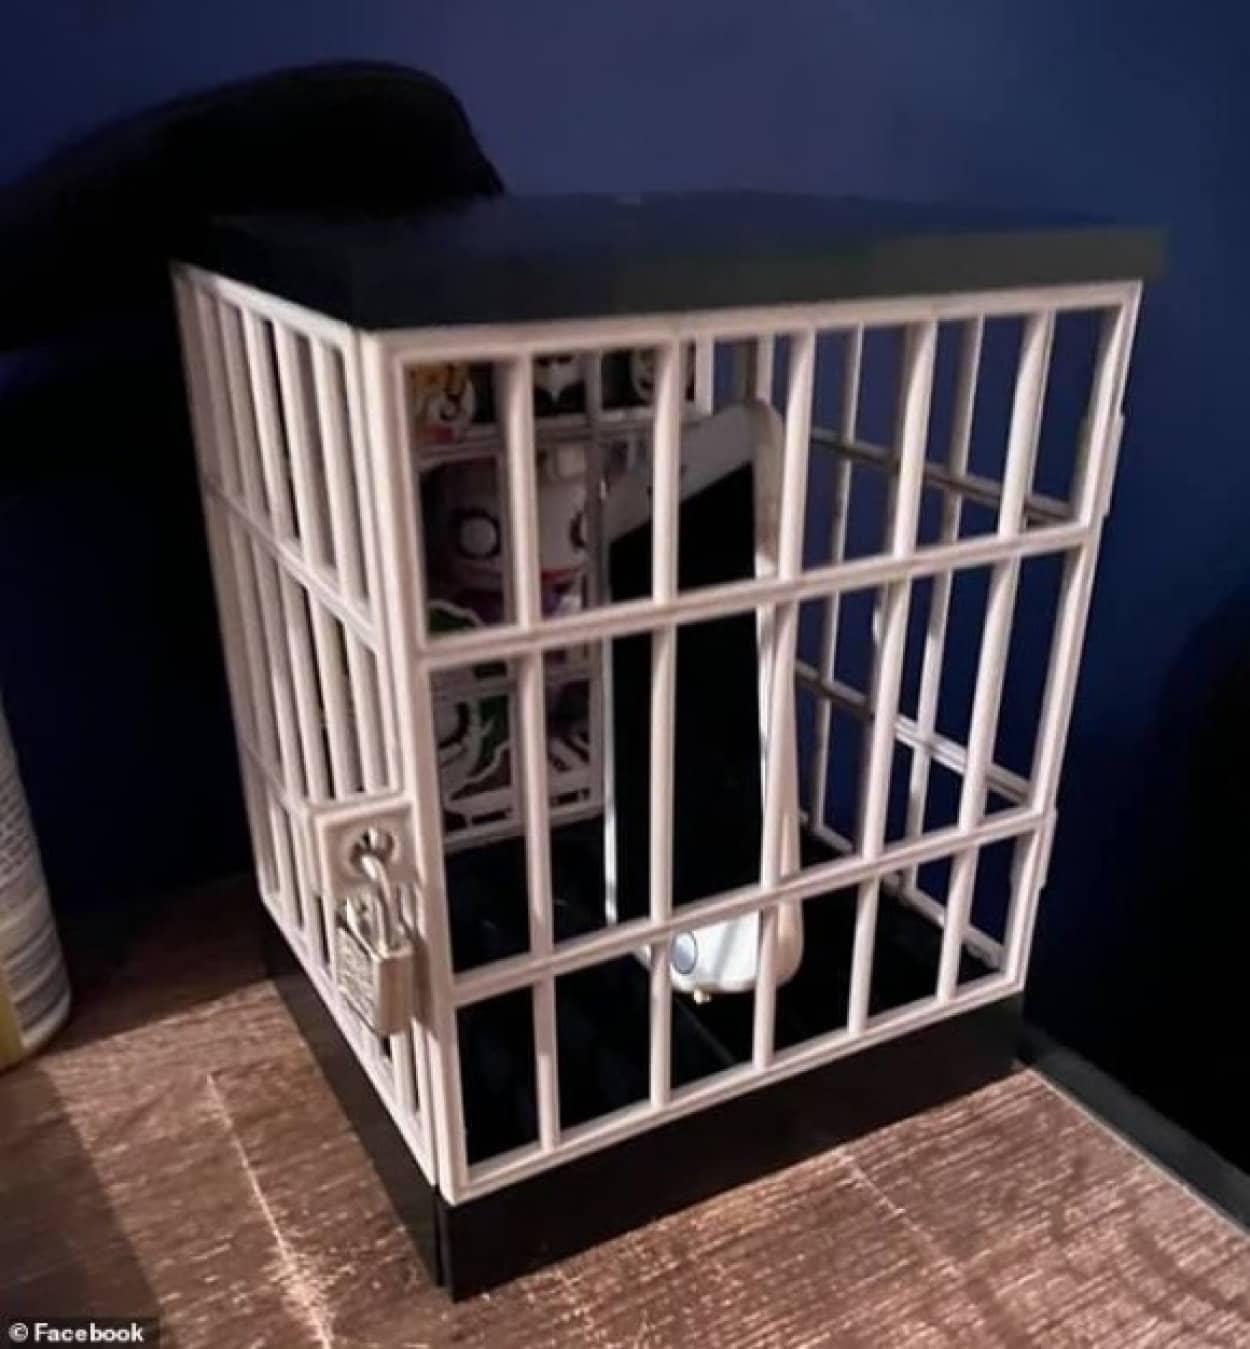 スマホやコントローラーはこの牢屋にロック